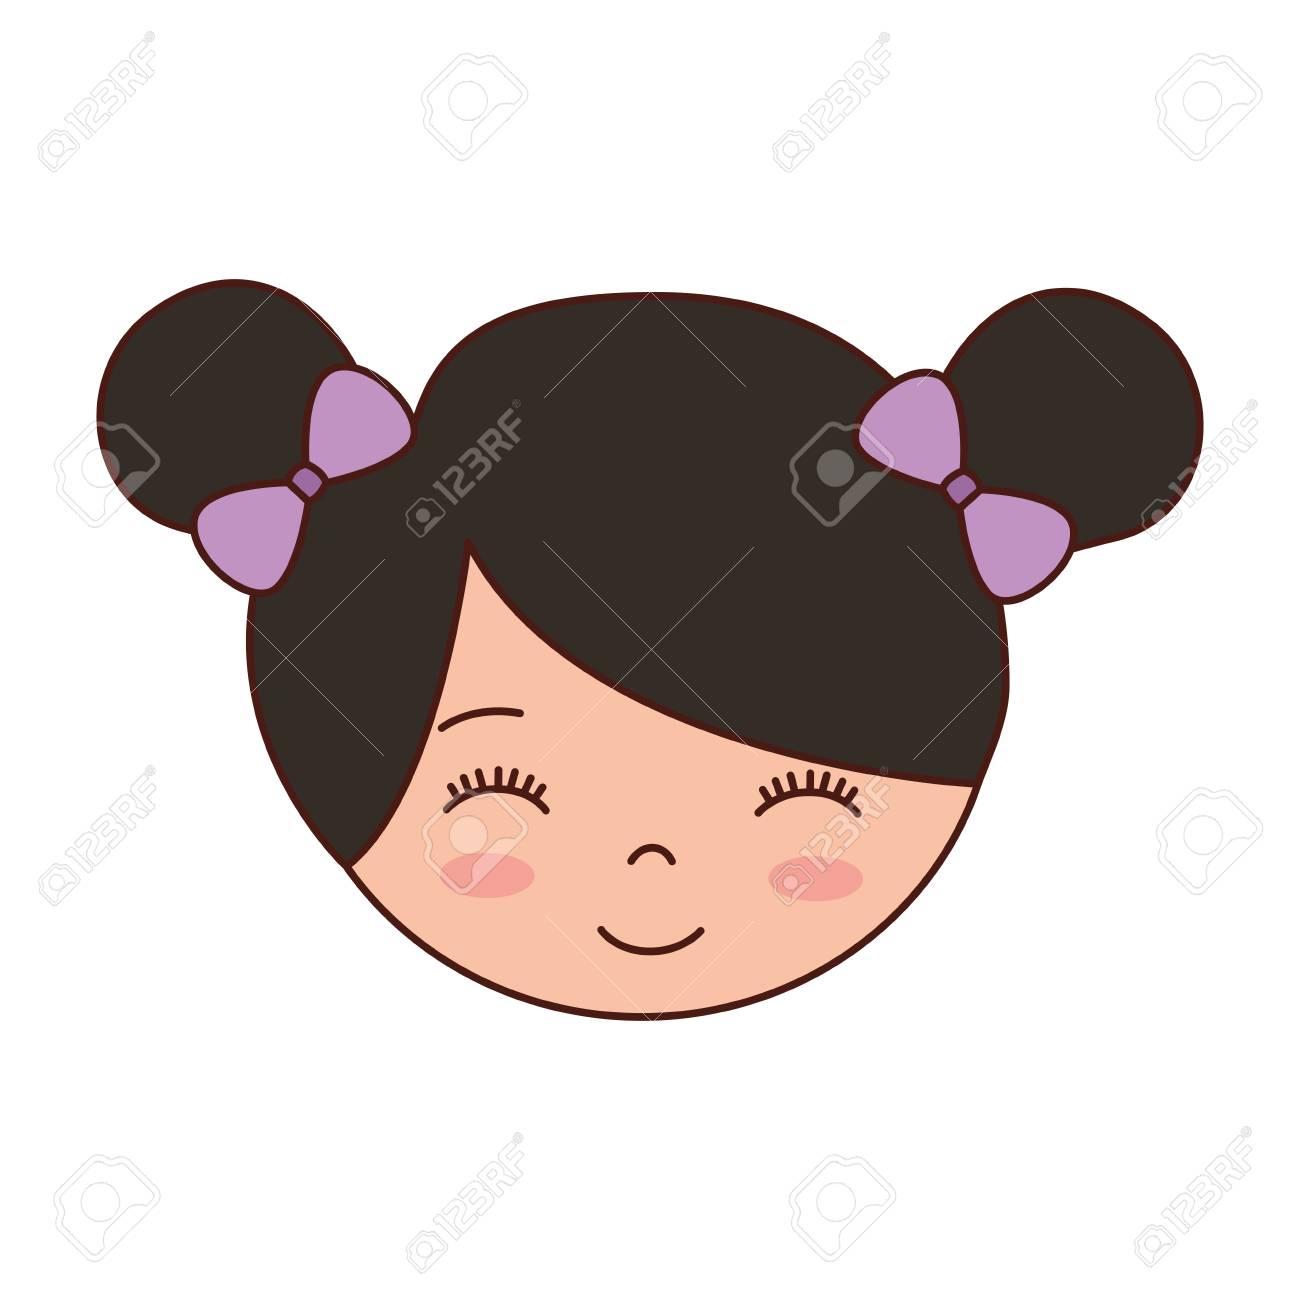 Joli Visage Petite Fille Ballerine Dessin Animé Caractère Vector Illustration